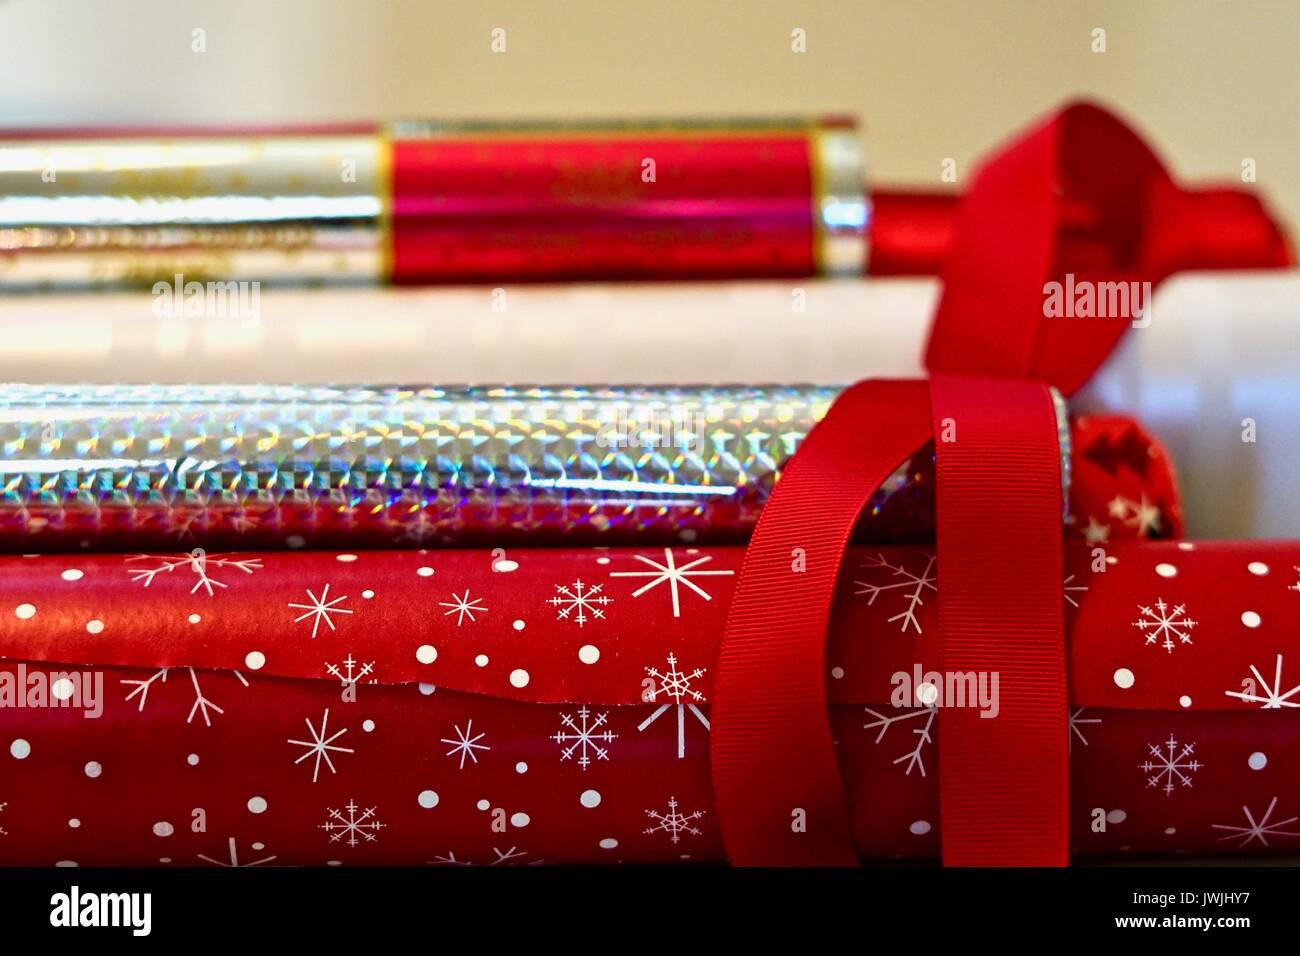 Montón horizontales de color rojo y plata rollos de papel enrollado Imagen De Stock